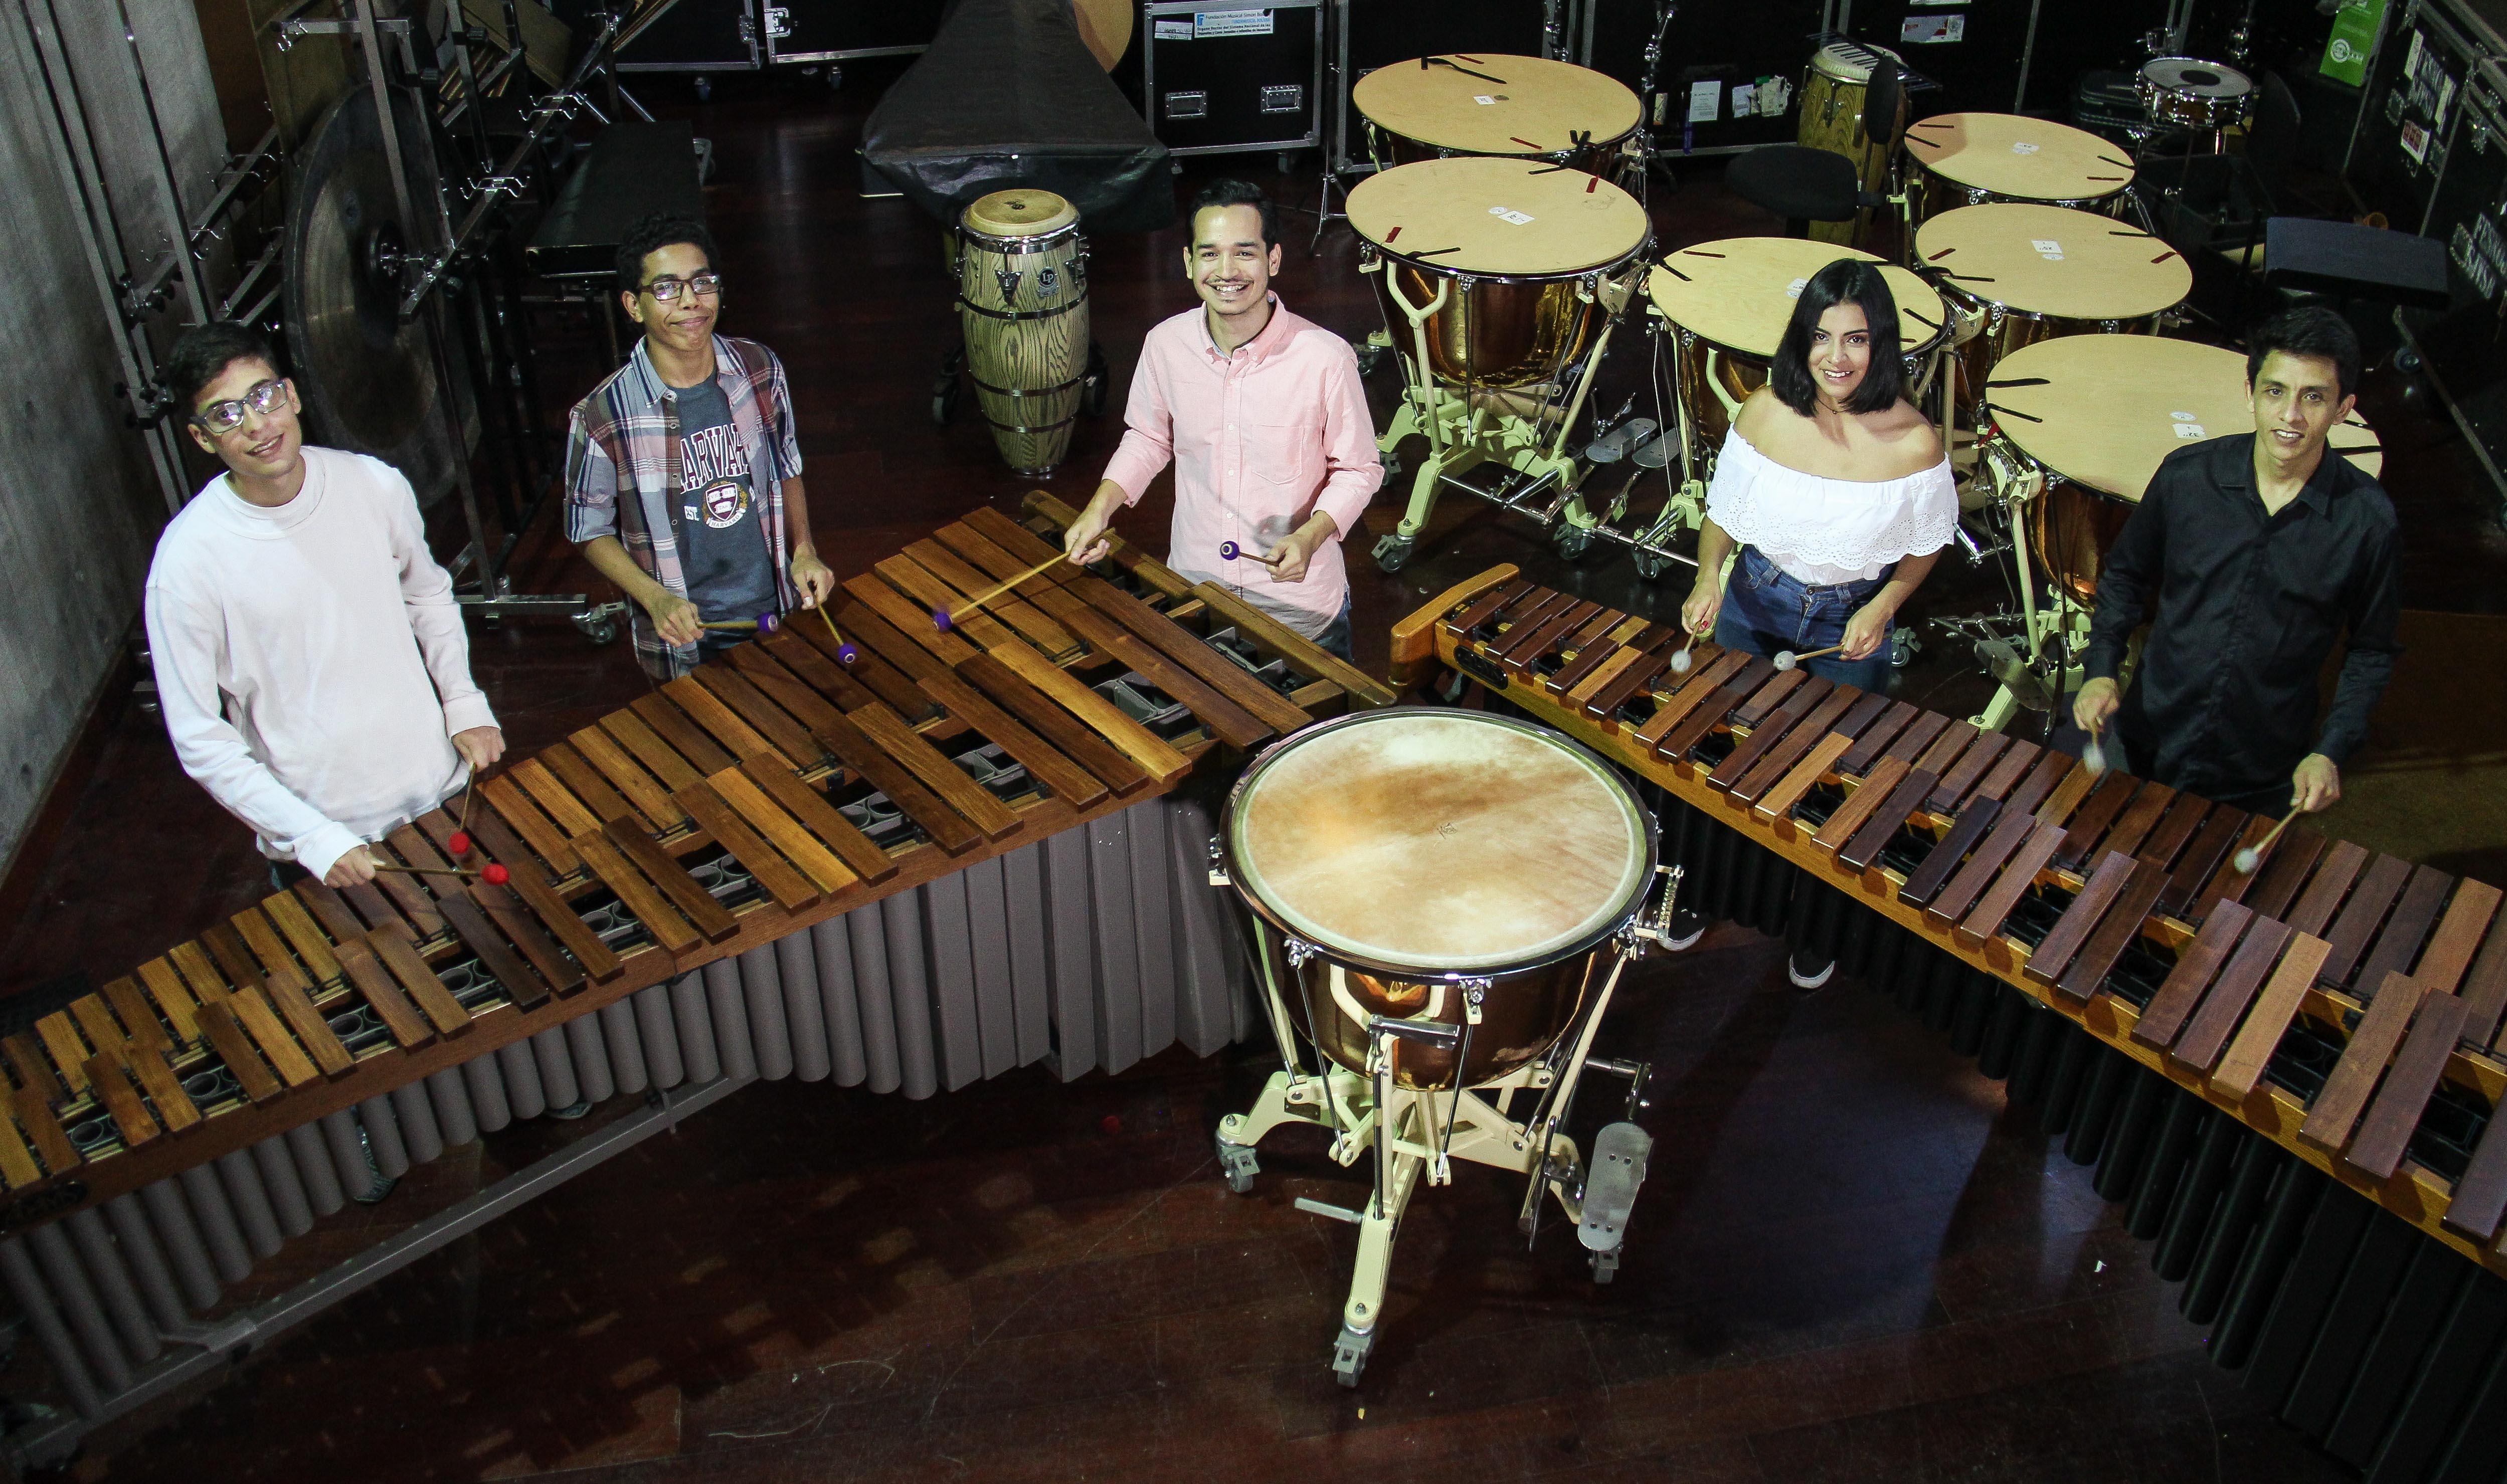 Ensamble De Percusion Catatumbo Ganó Primer Lugar En Competencia Internacional De Musica